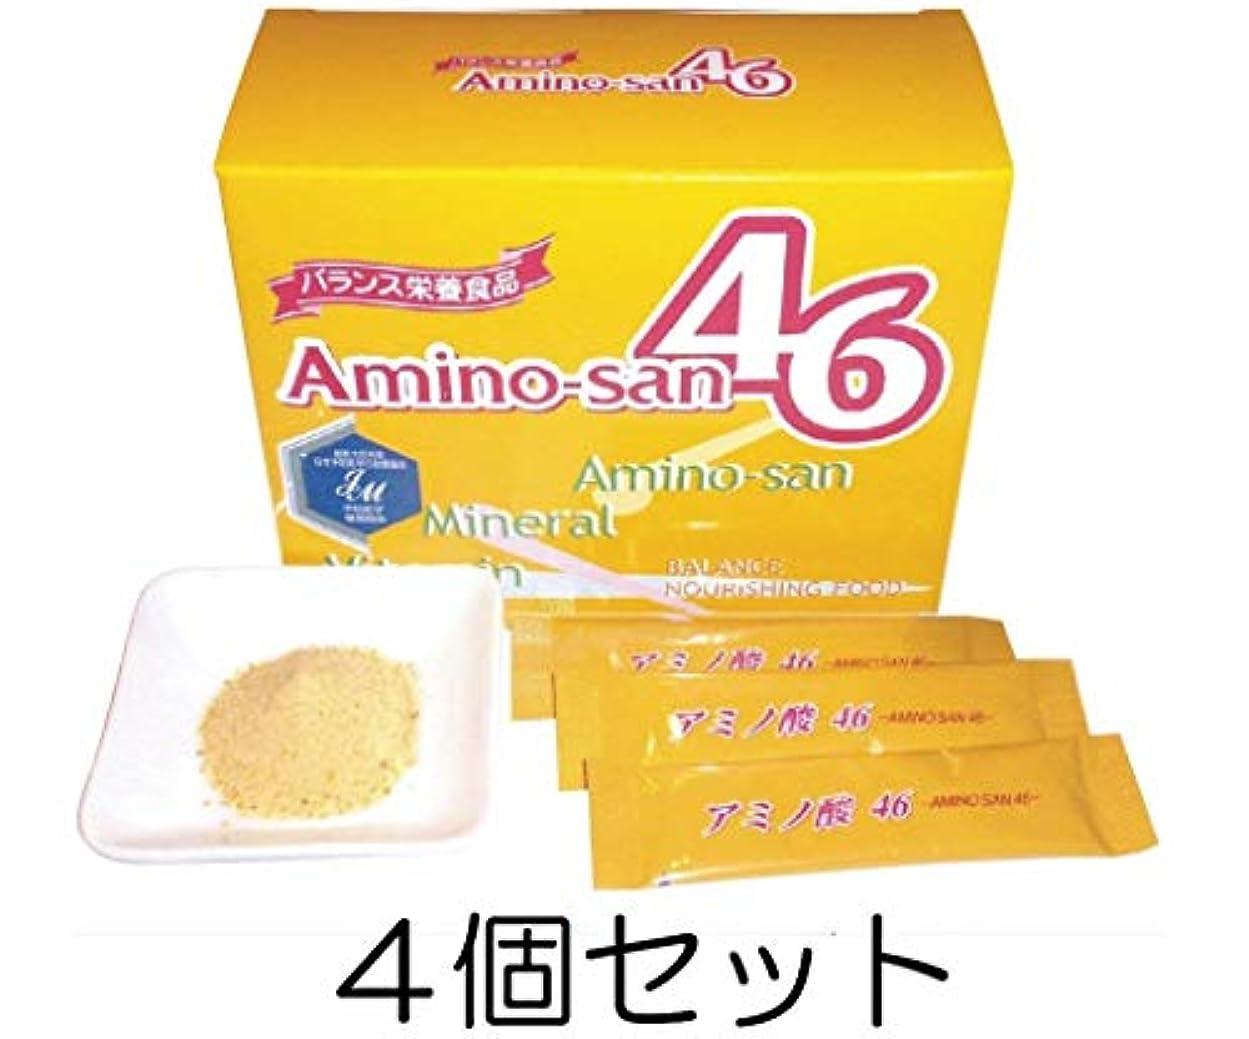 従来の麻酔薬クリア【 アミノ酸46 (3g×60本?1か月分)×4箱セット】ポーレン(蜂蜜花粉)含有 サプリメント